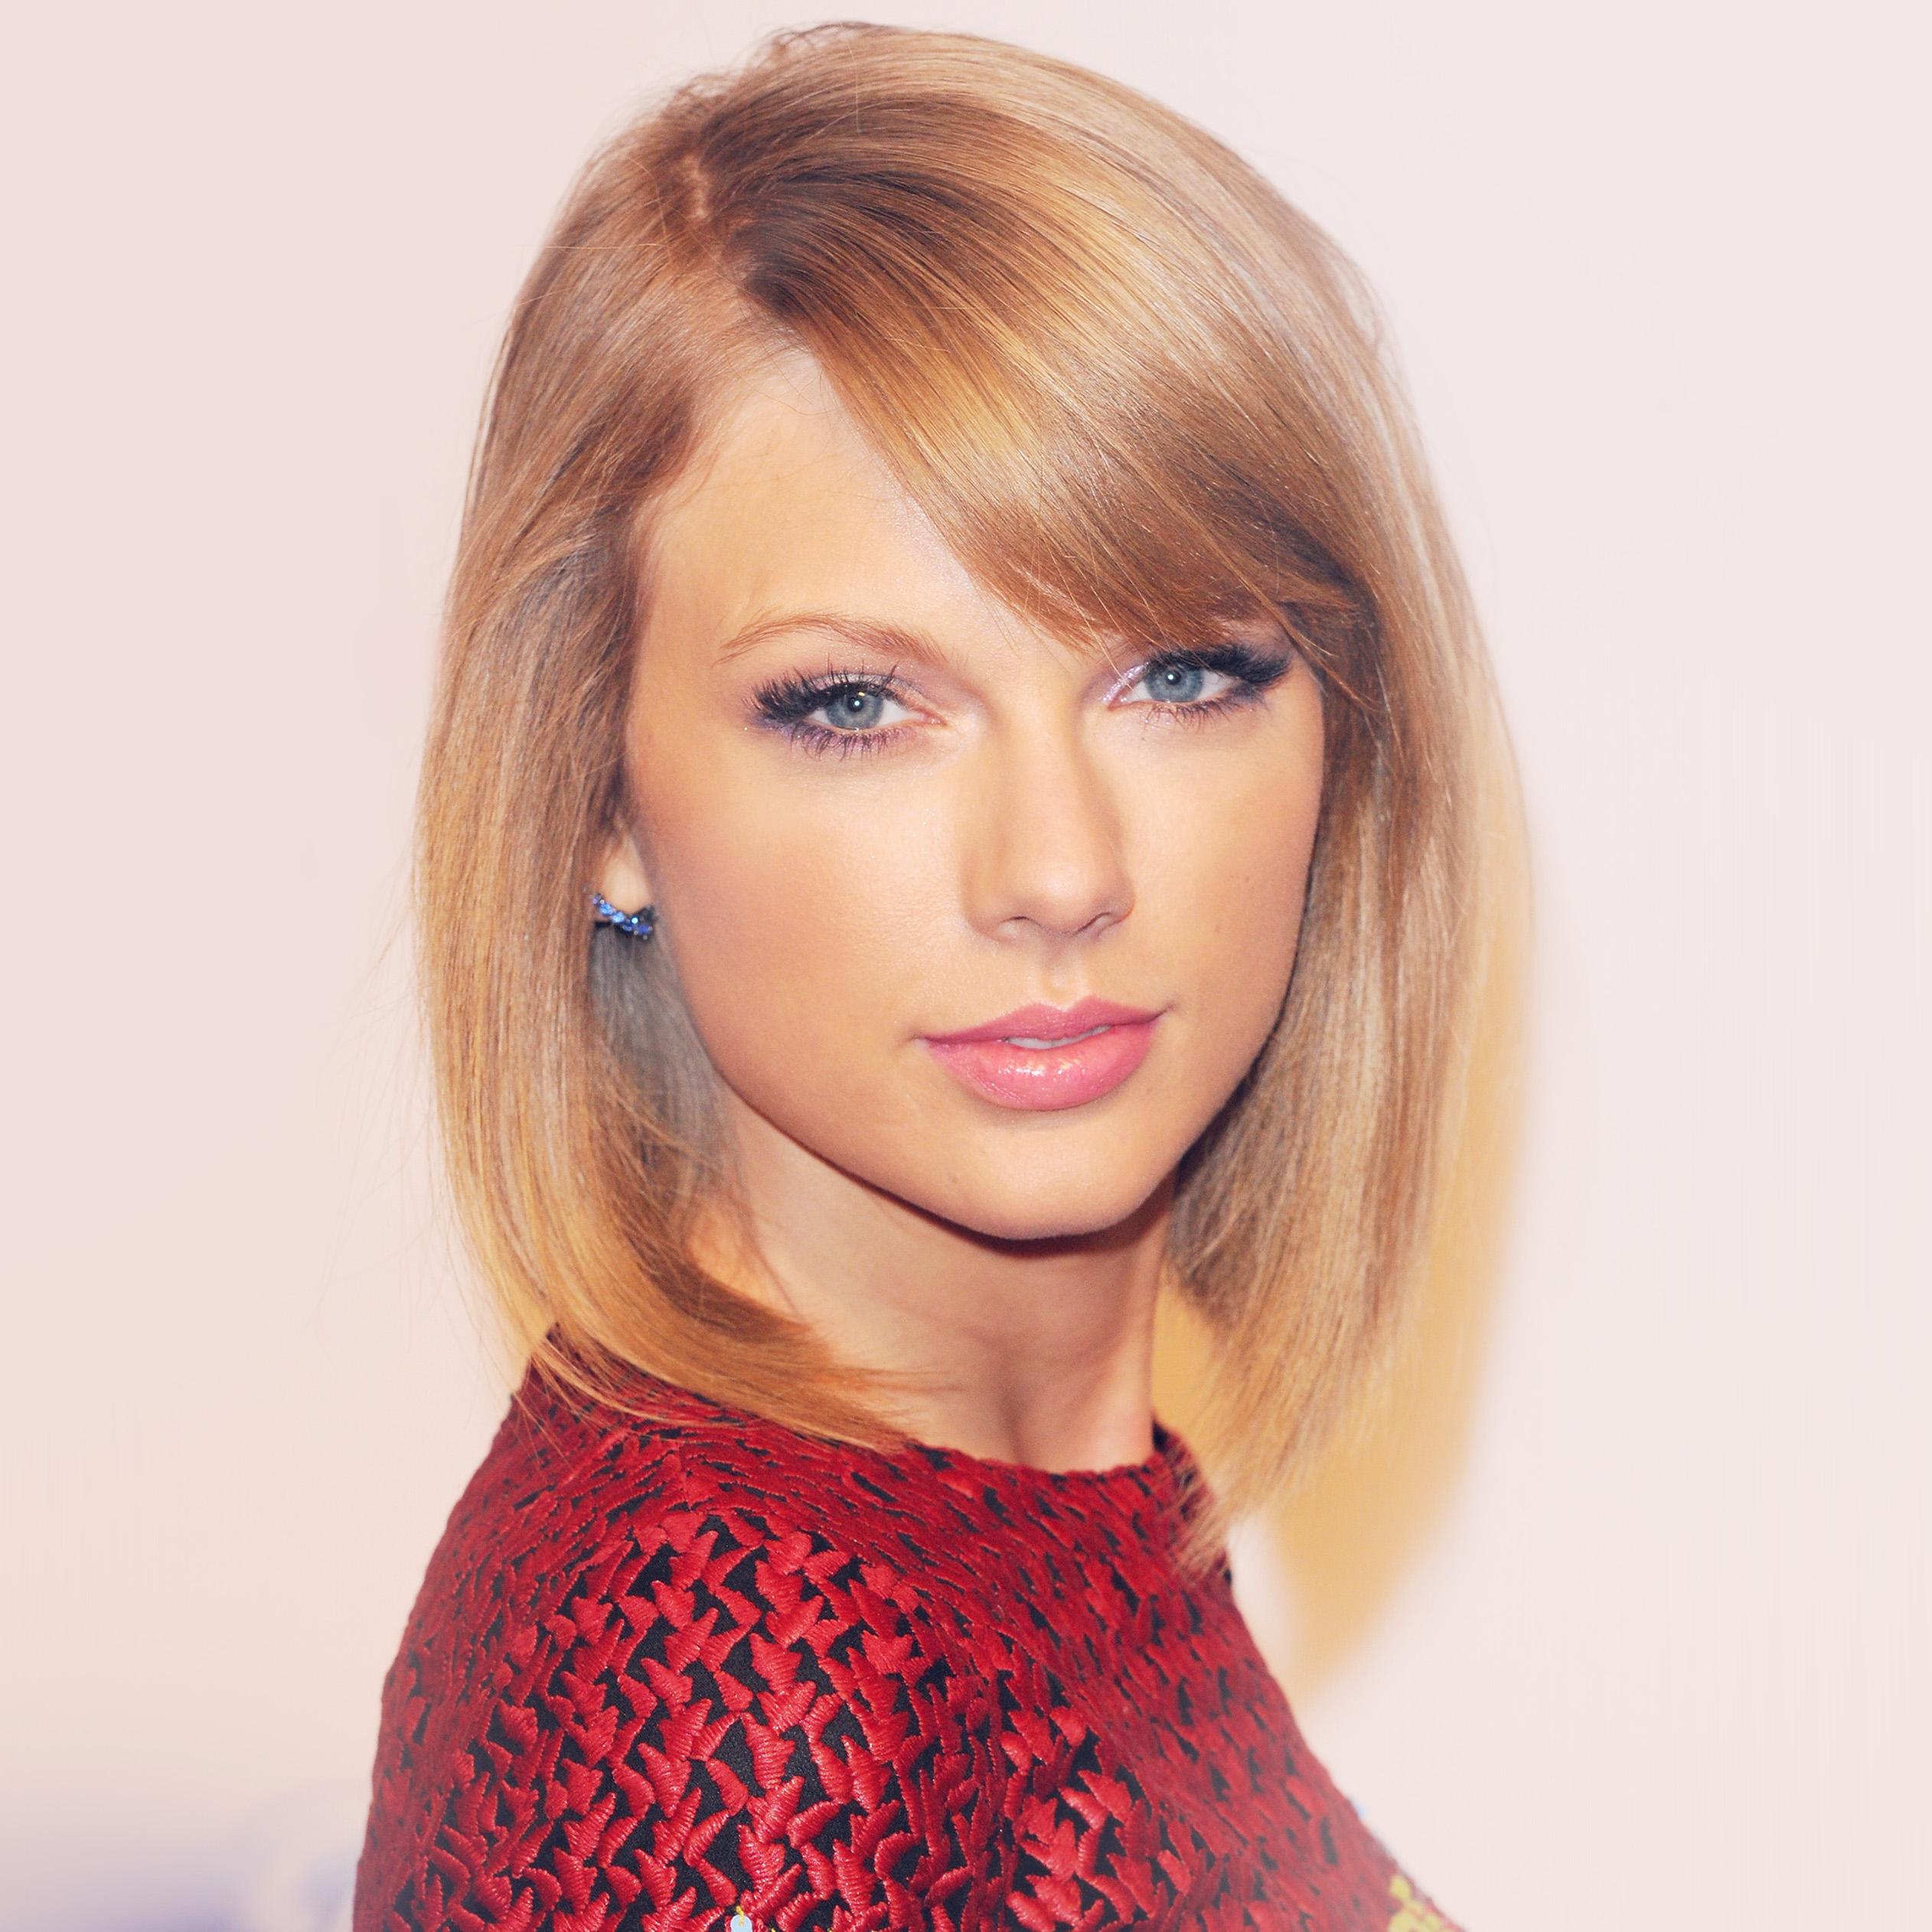 Wallpaper Fall Minimal Freeios7 Hg67 Taylor Swift Face Cute Beautiful Singer